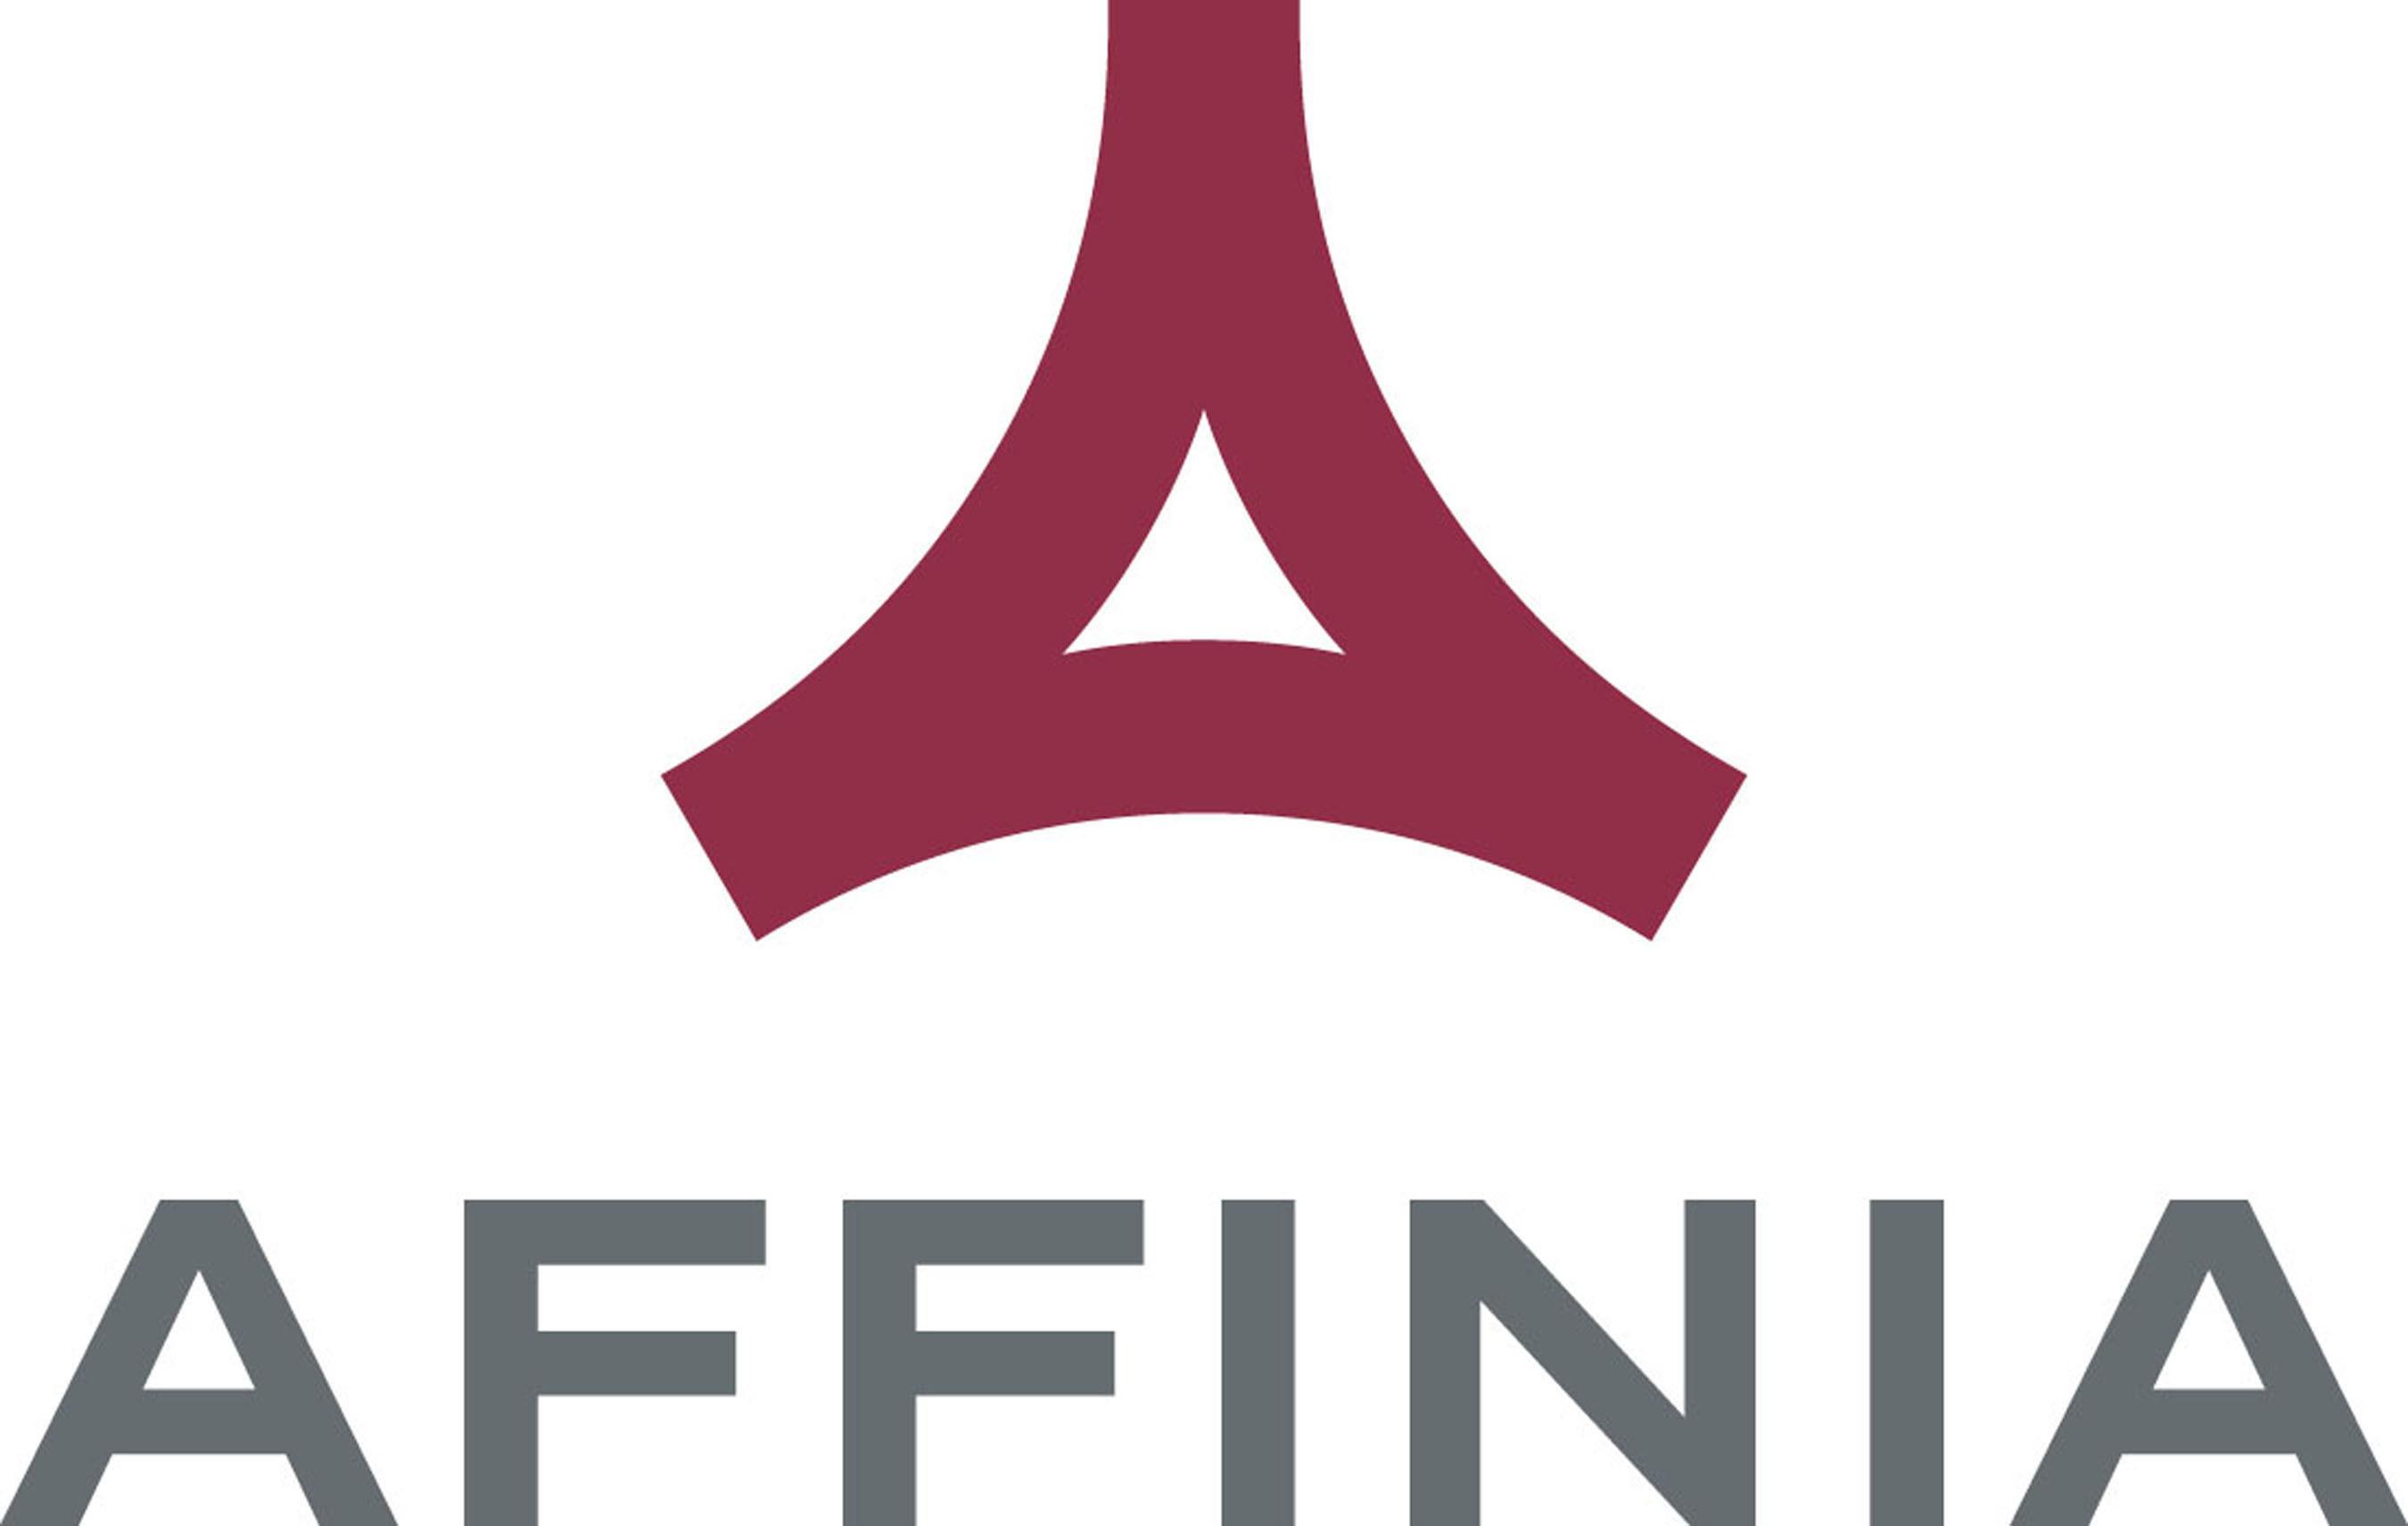 Affinia Group, Inc. - logo. (PRNewsFoto/Affinia Group, Inc.) (PRNewsFoto/)